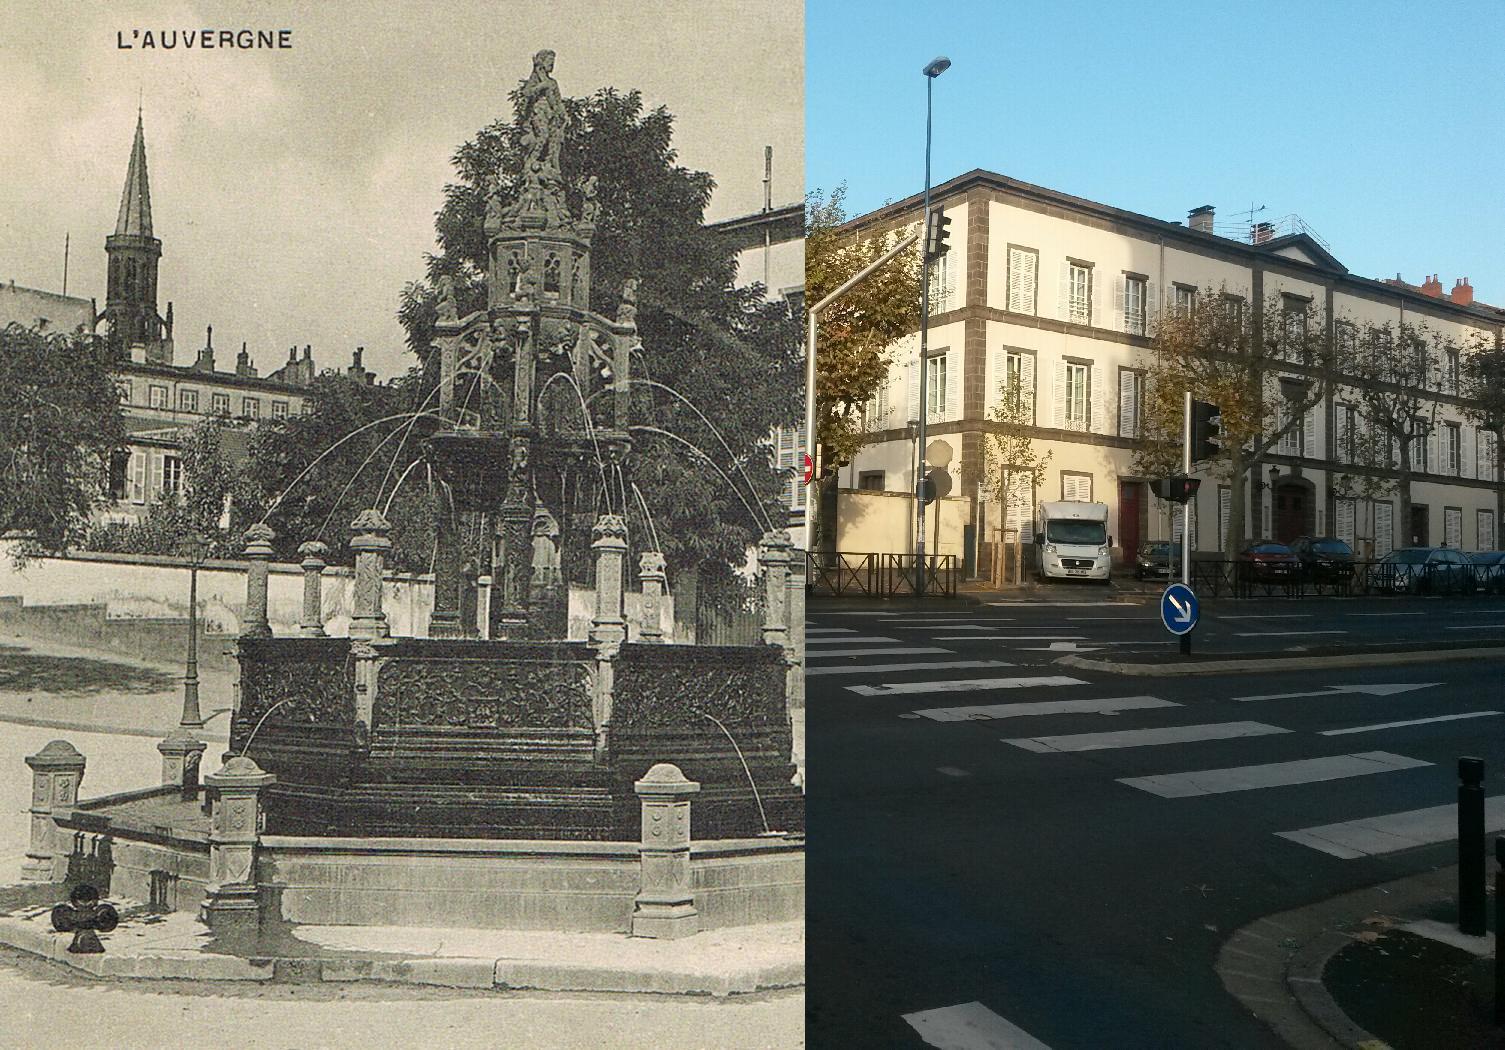 Clermont-Ferrand - Clermont-Ferrand - INSEE 63113 - le Quartier Général et la Fontaine Jacques d'Amboise. Ref.111. L'Auvergne.